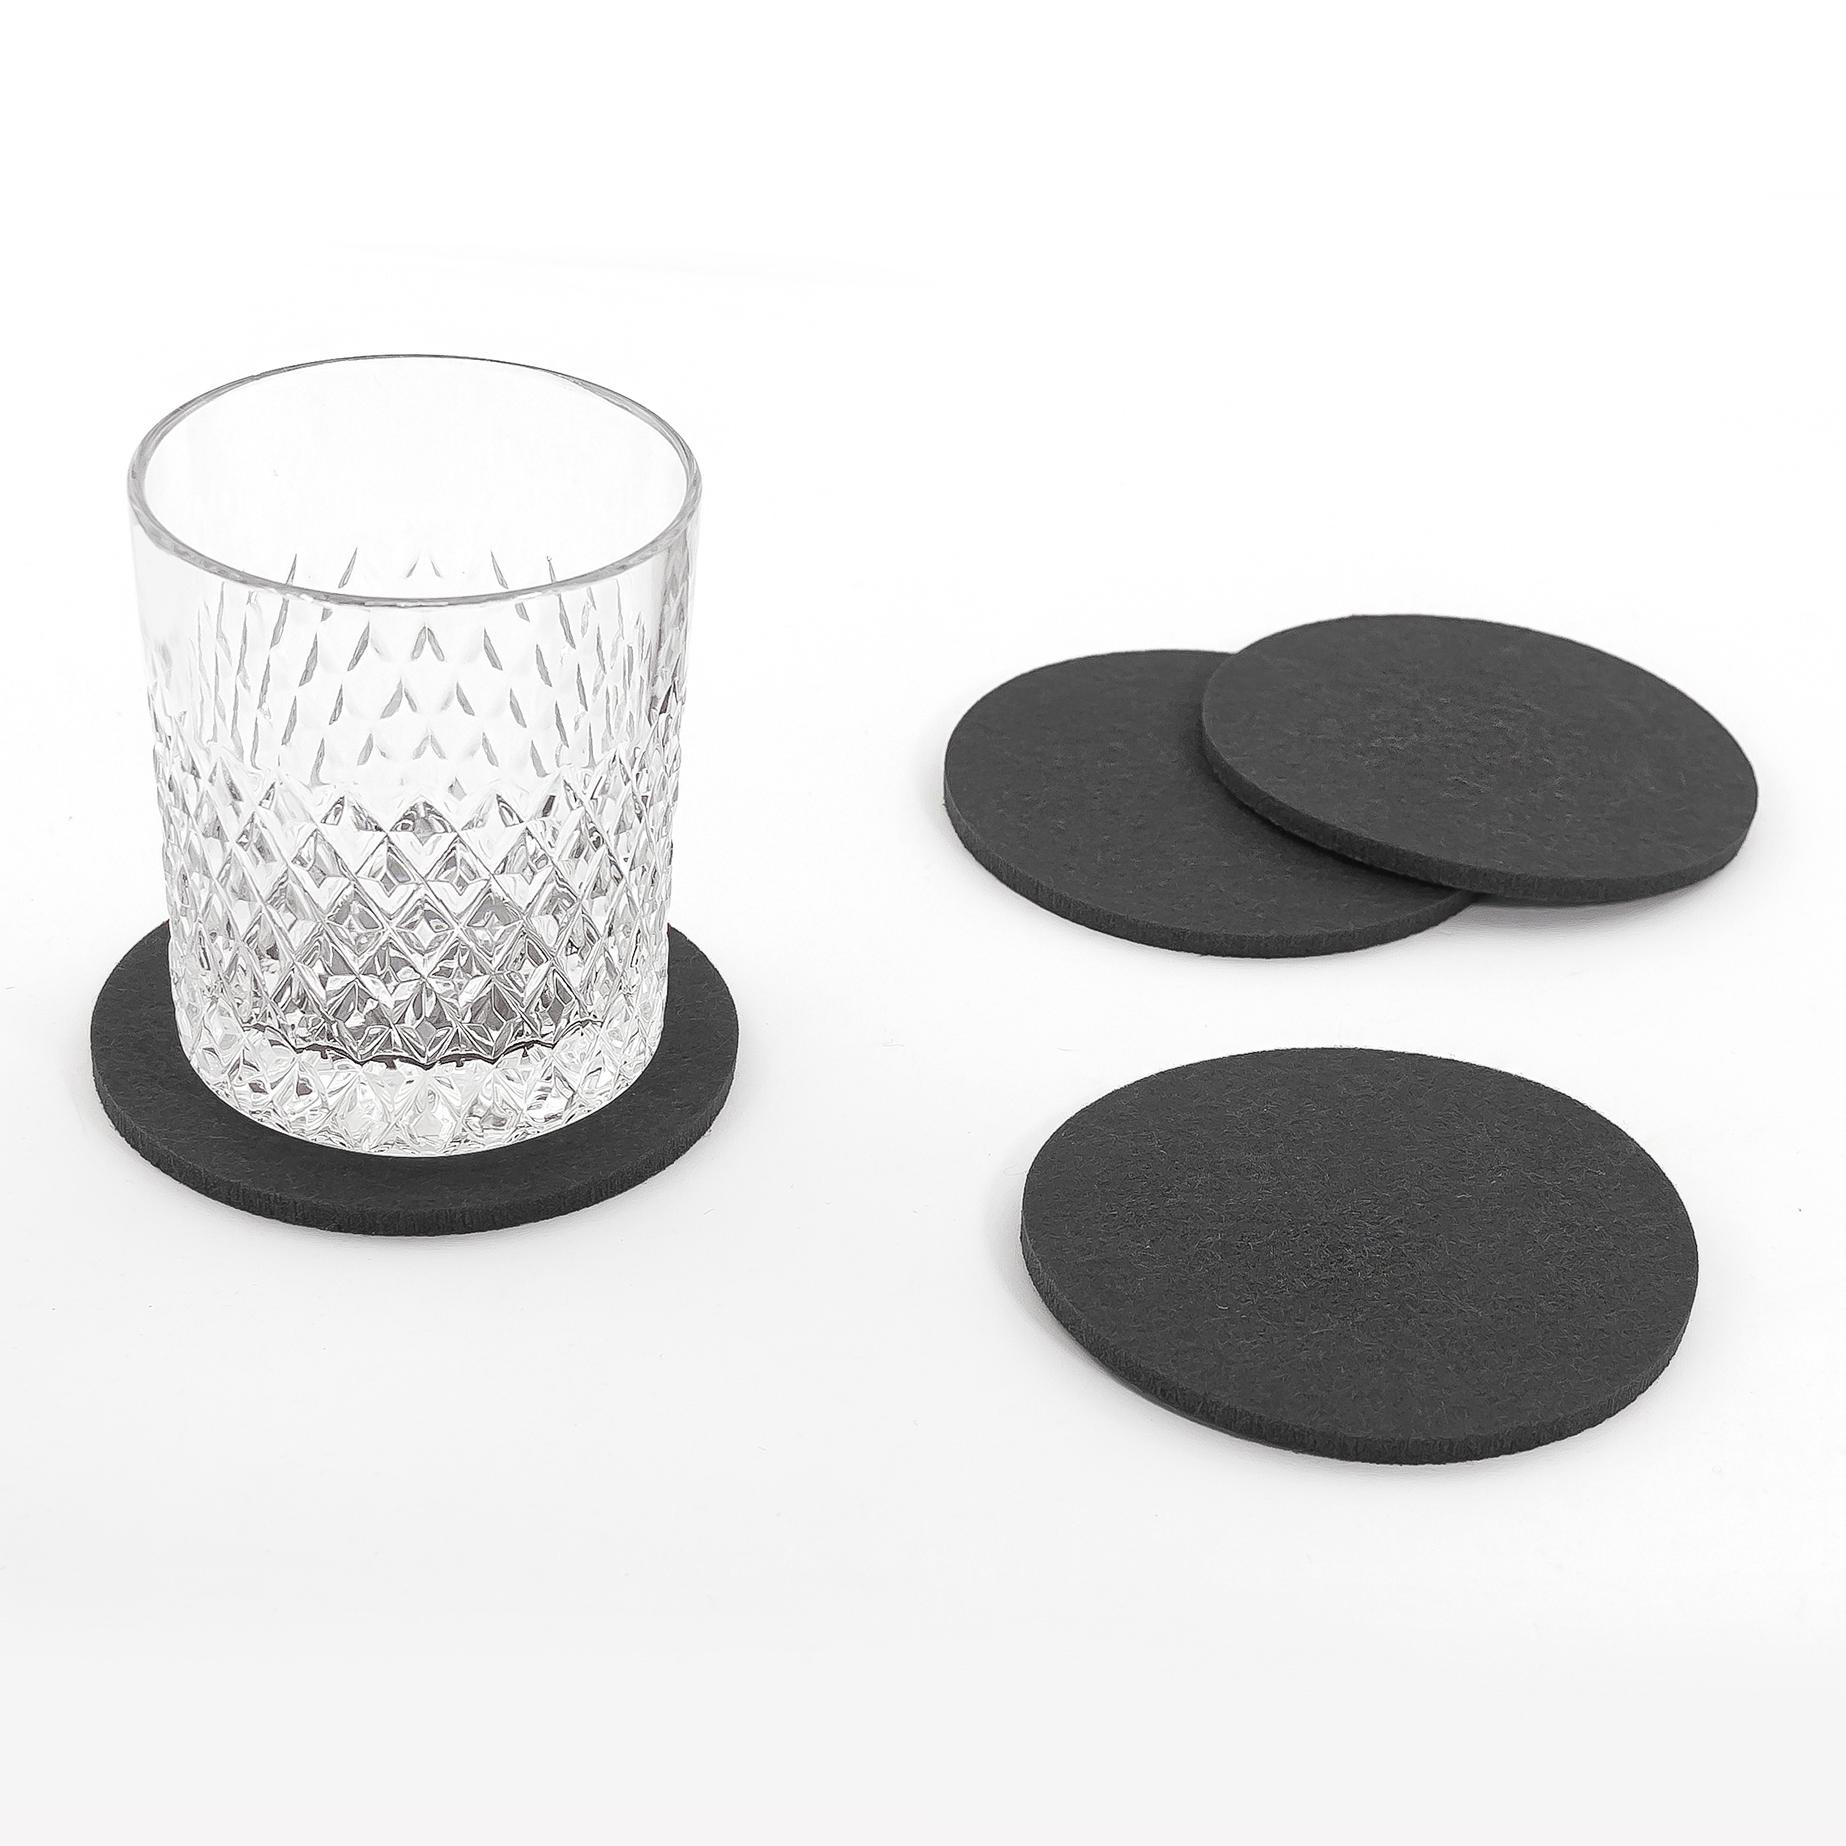 filzuntersetzer rund 4er pack tisch bar glasuntersetzer untersetzer aus filz ebay. Black Bedroom Furniture Sets. Home Design Ideas